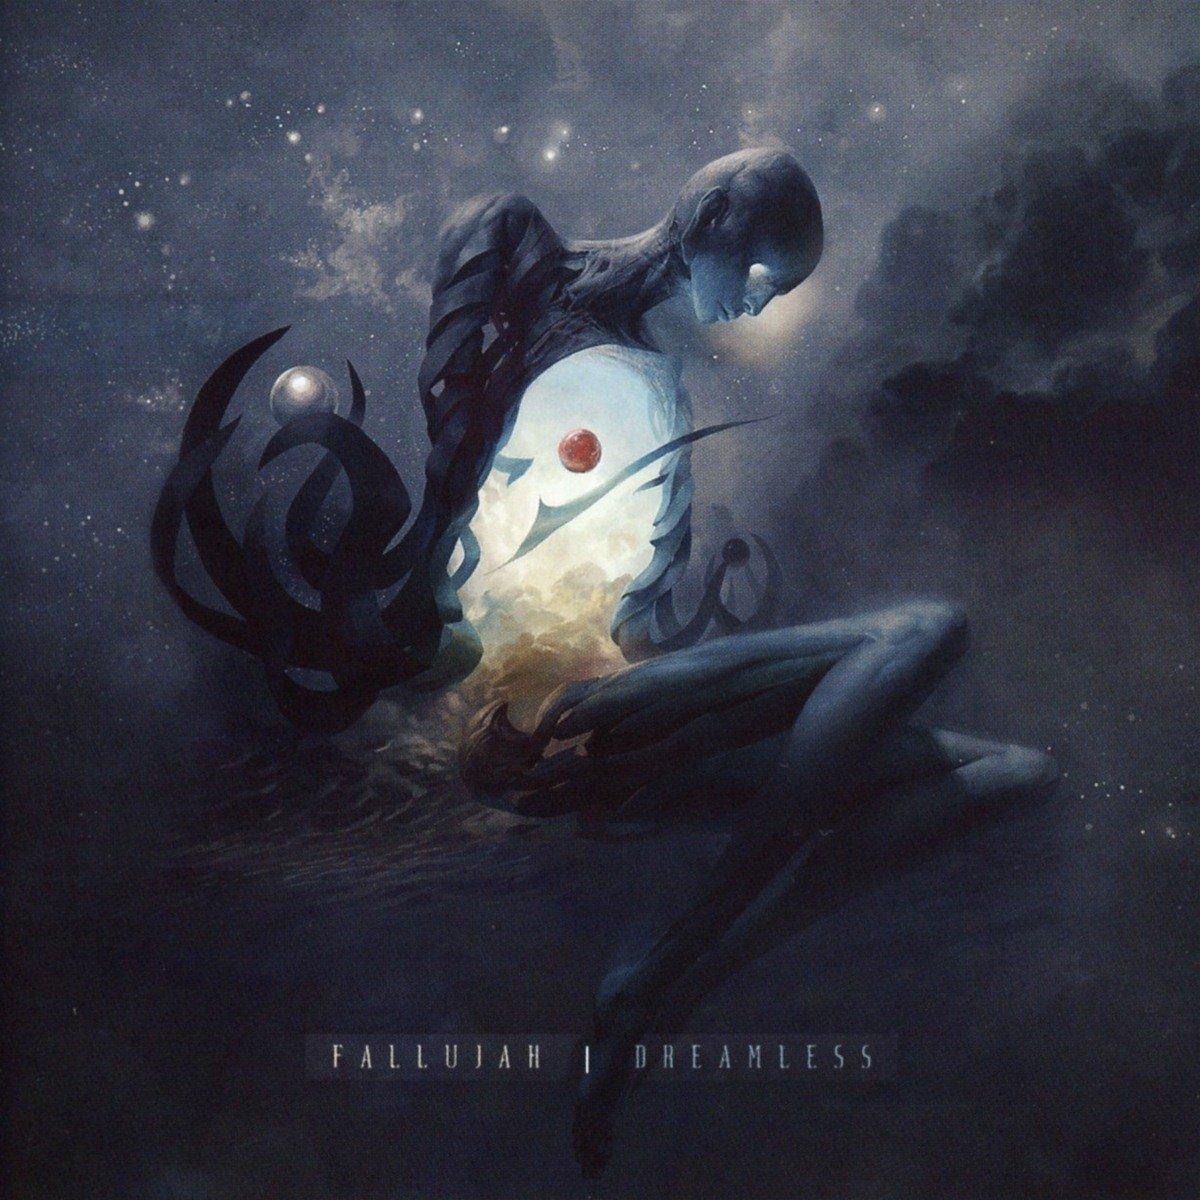 Fallujah: Dreamless (2016) Book Cover